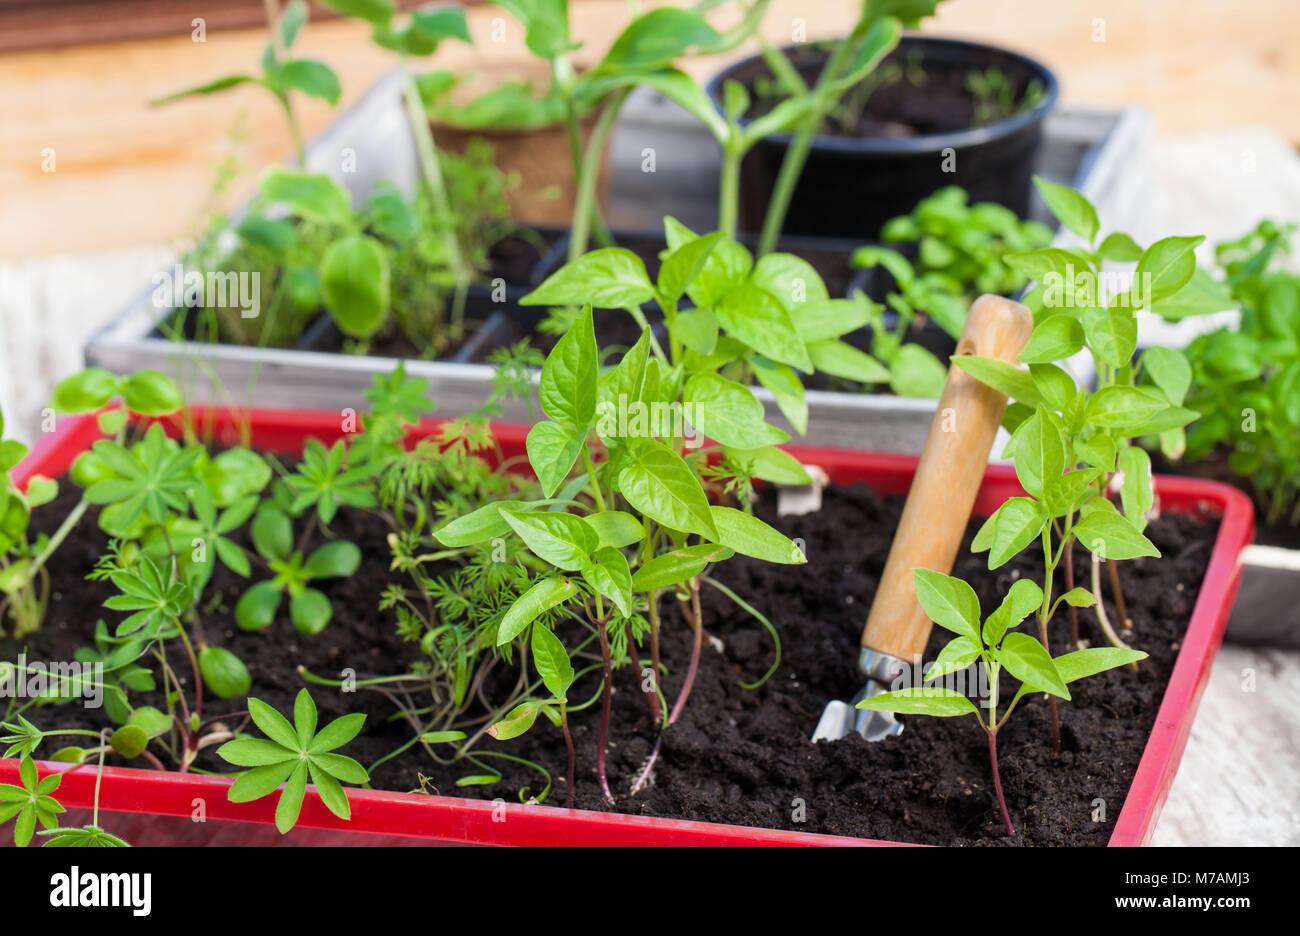 Young plants, seedlings, nursery - Stock Image